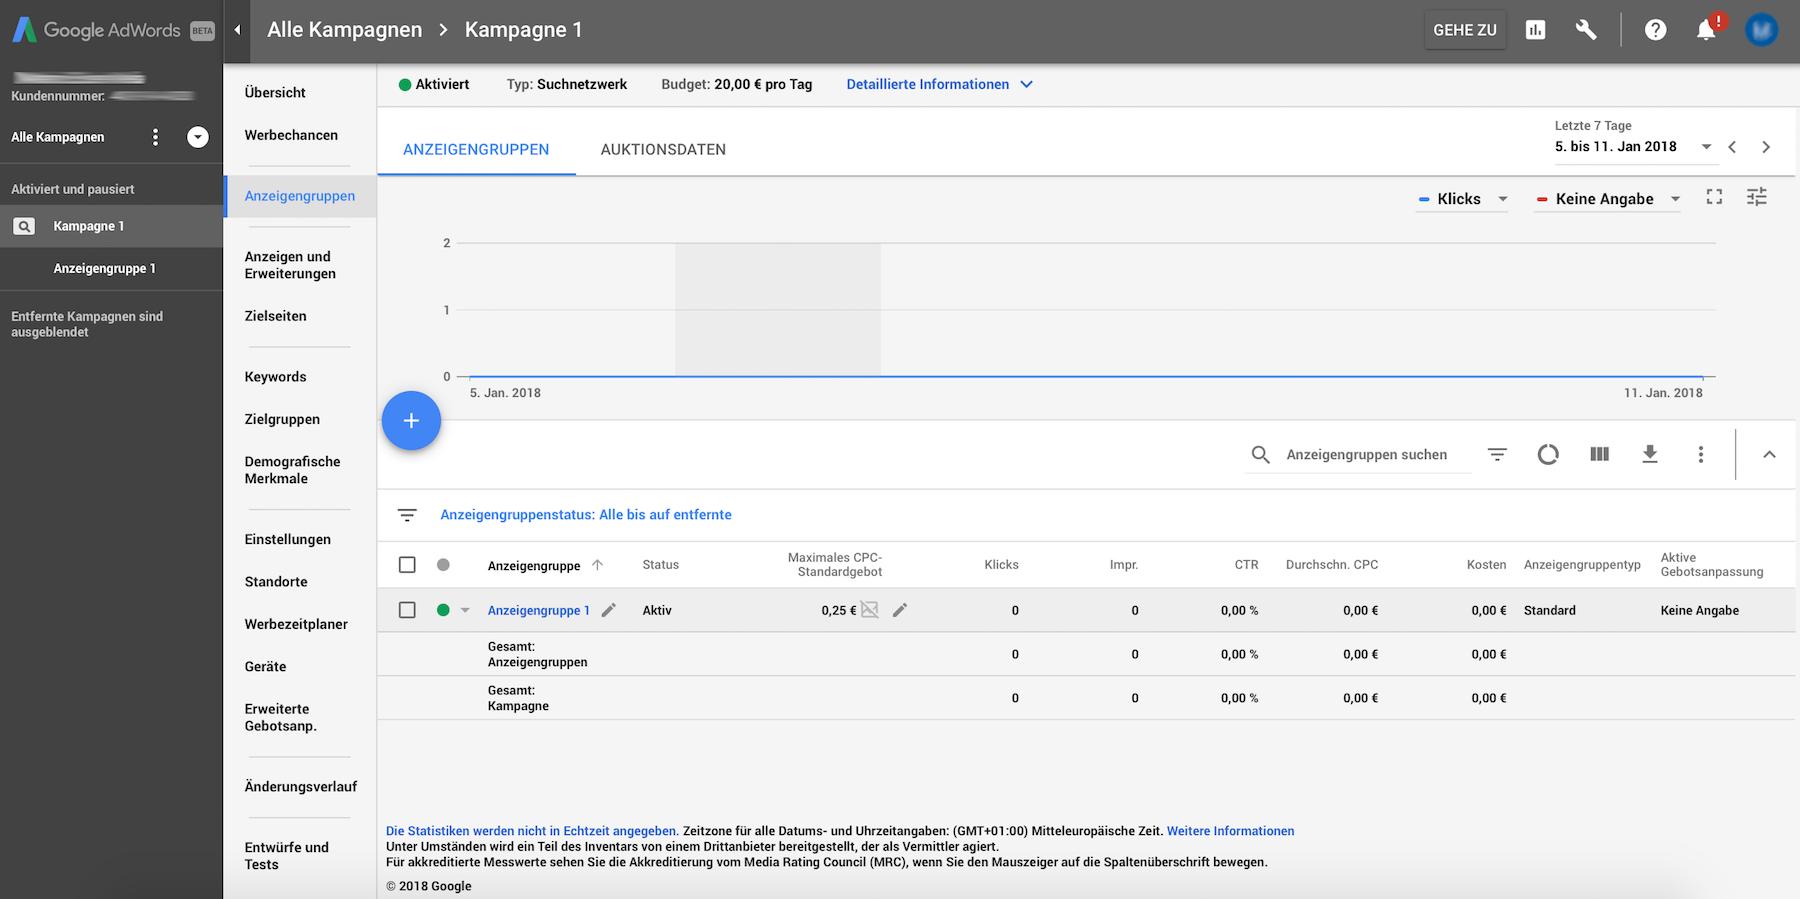 Kampagnenübersicht im Google AdWords Dashboard